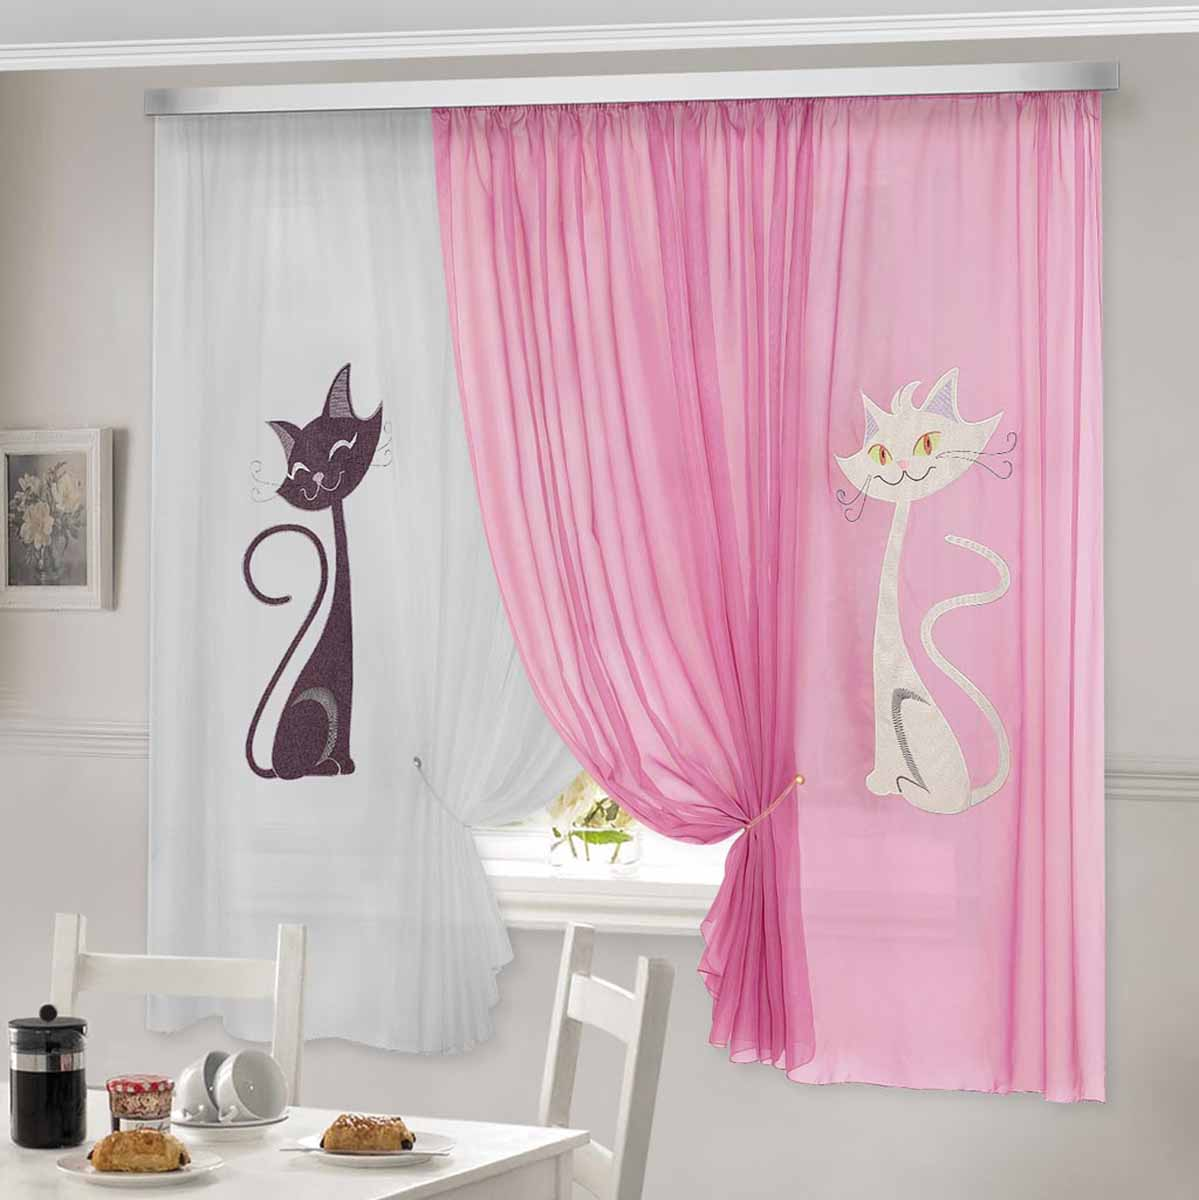 Комплект штор ТД Текстиль Кэти, на ленте, цвет: розовый, белый, высота 180 см92332Комплект штор Кэти изготовлен из вуалевого полотна с аппликацией в виде кошек. Шторы крепятся на карниз при помощи ленты, которая поможет красиво и равномерно задрапировать верх.